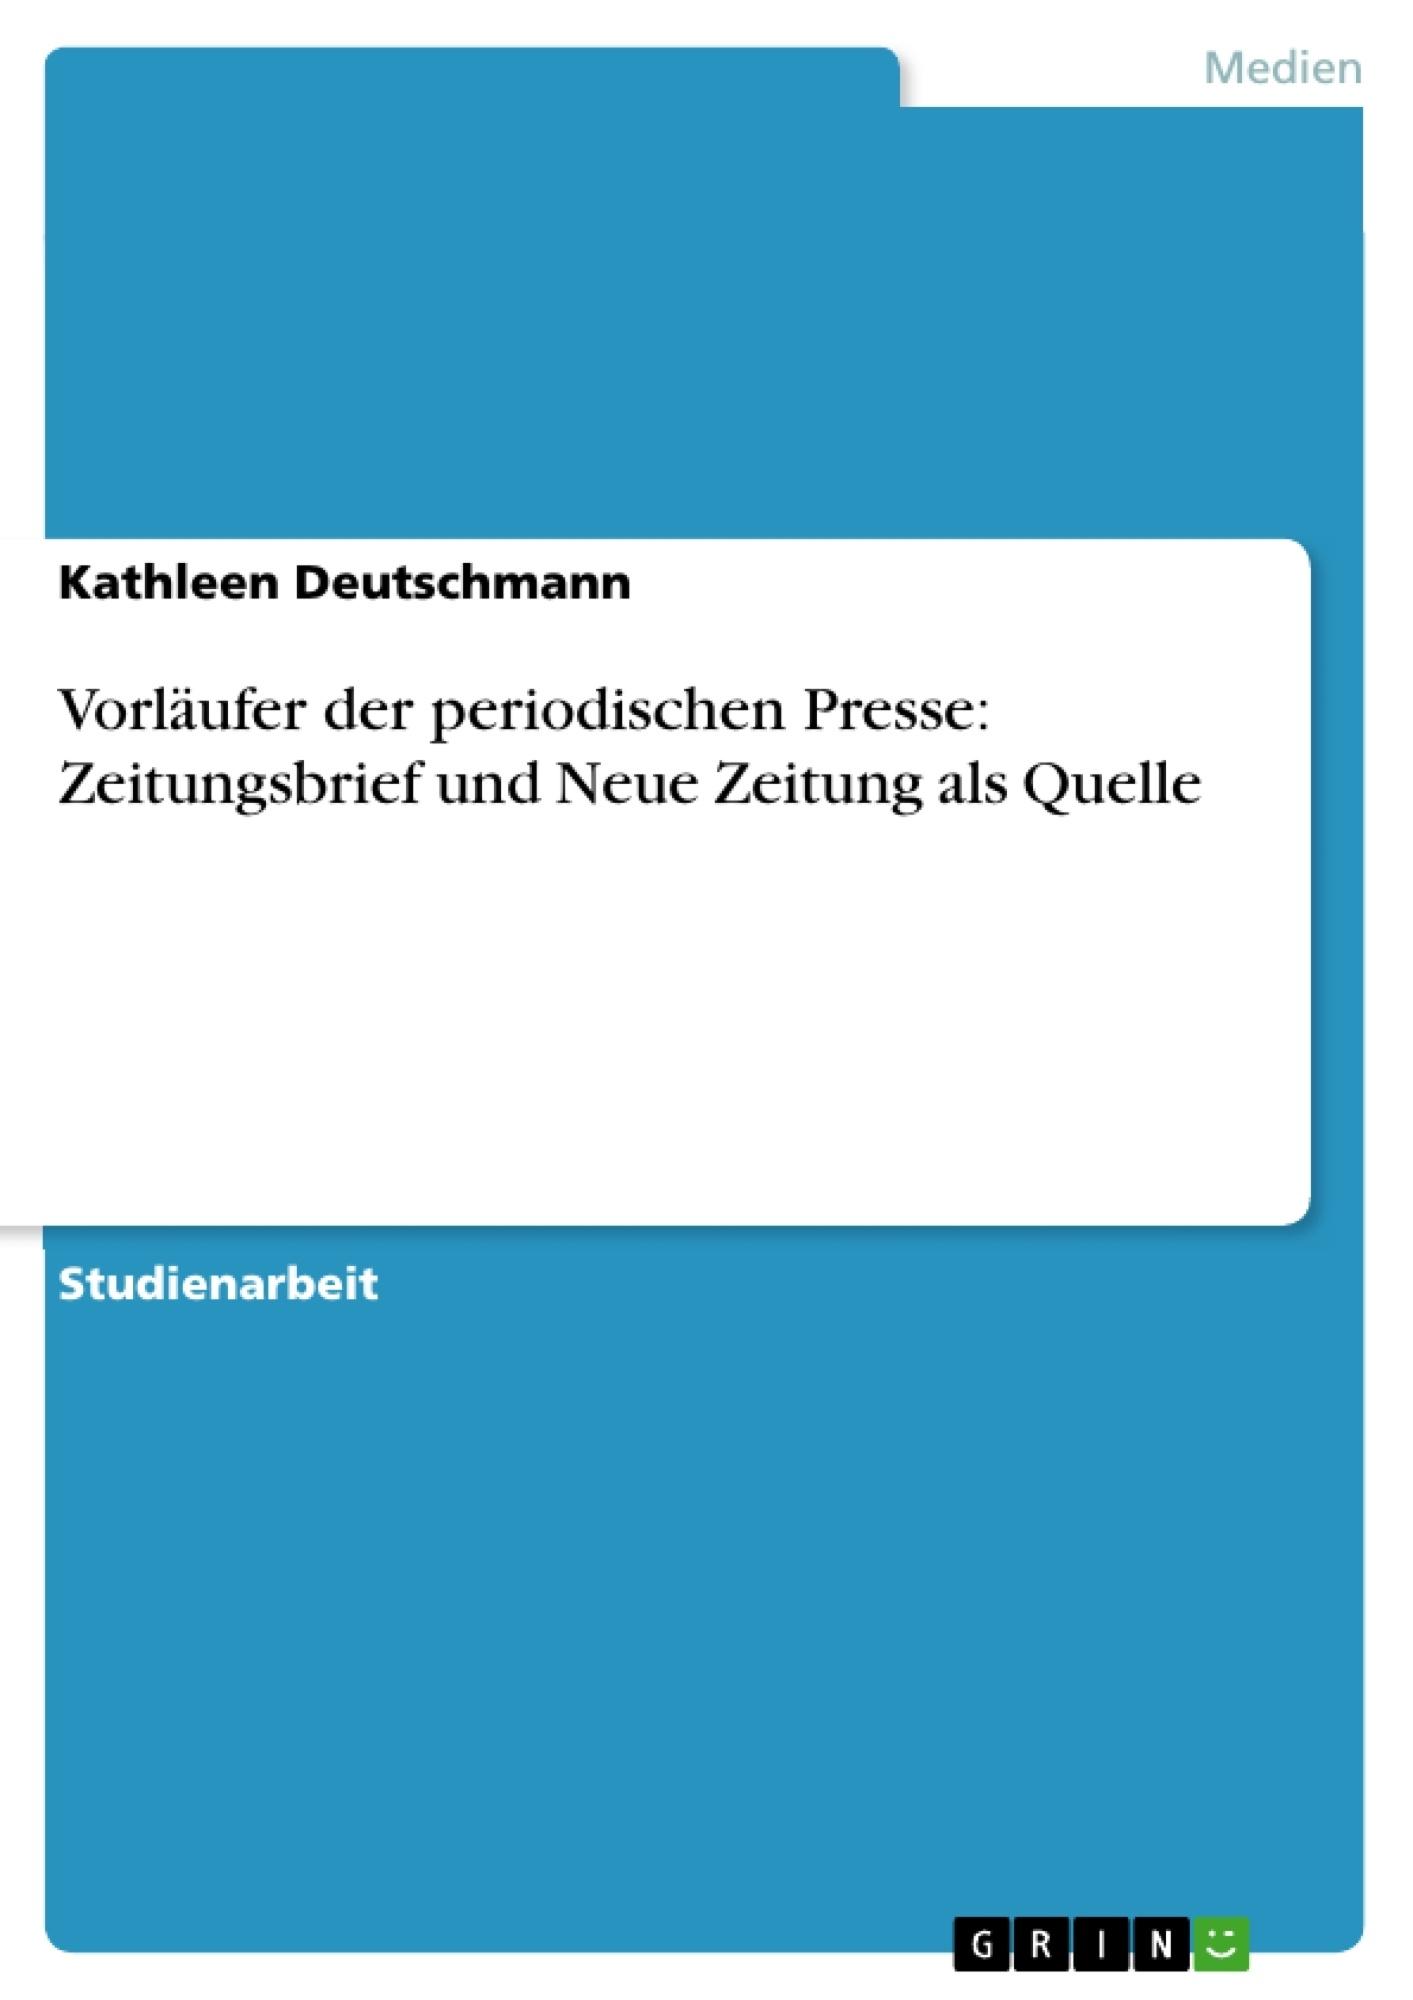 Titel: Vorläufer der periodischen Presse: Zeitungsbrief und Neue Zeitung als Quelle